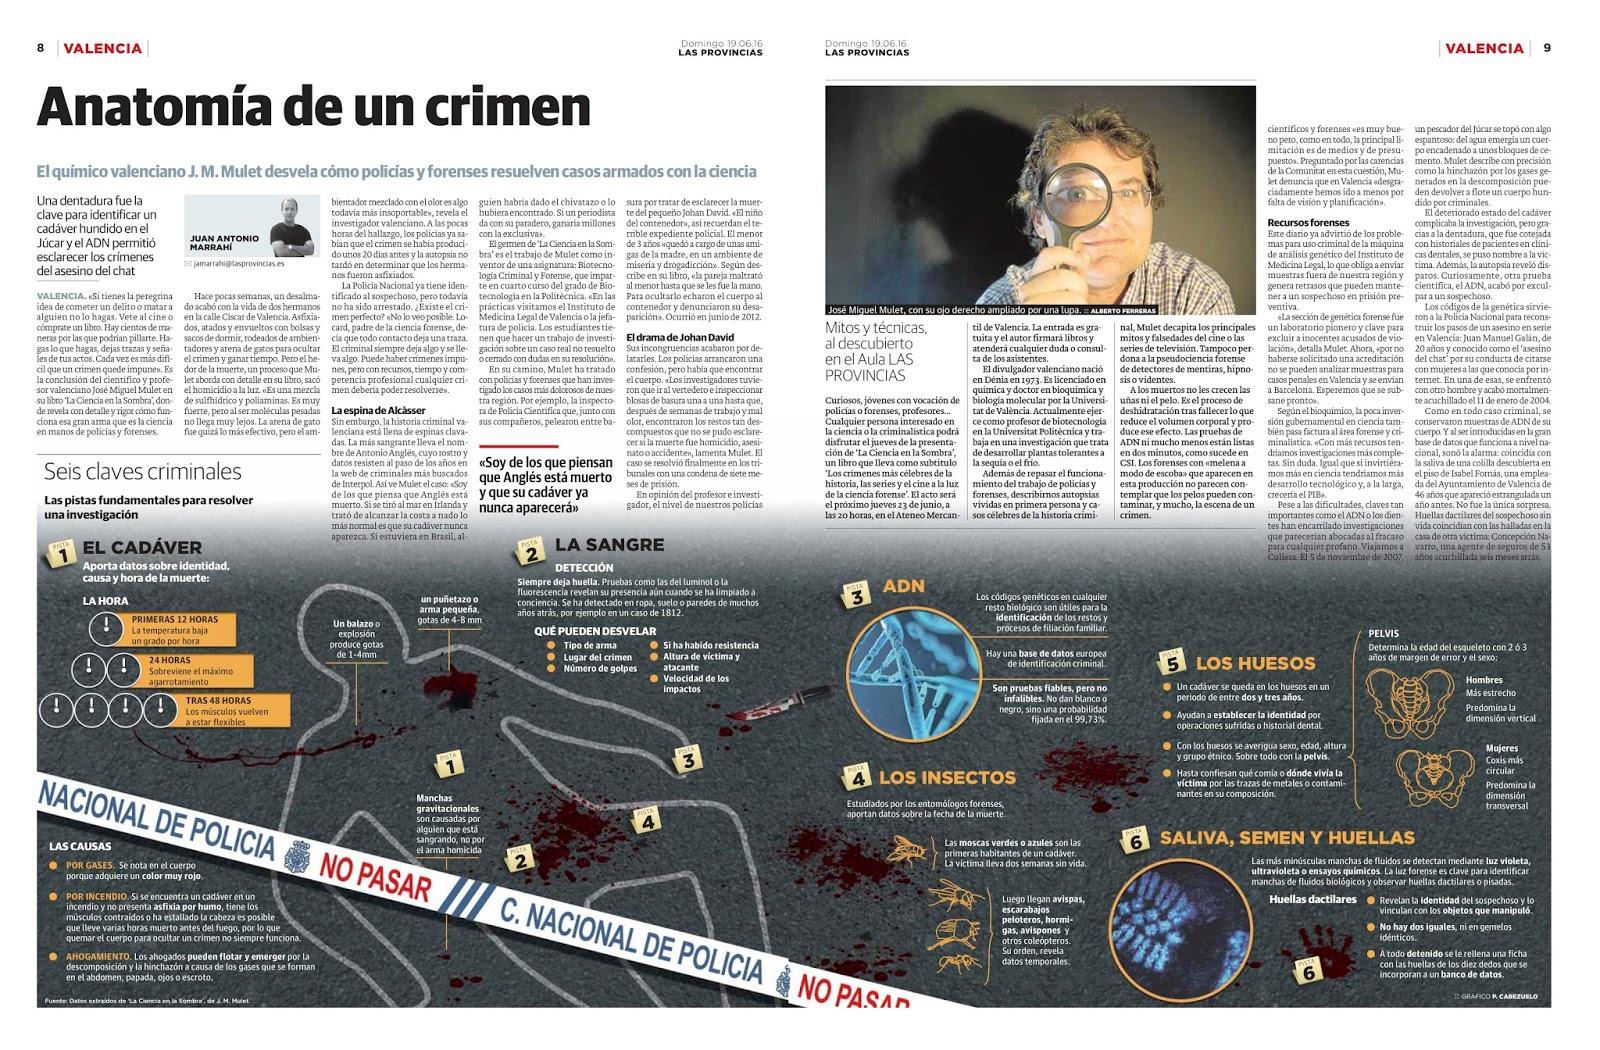 La buena prensa: Anatomía de un crimen